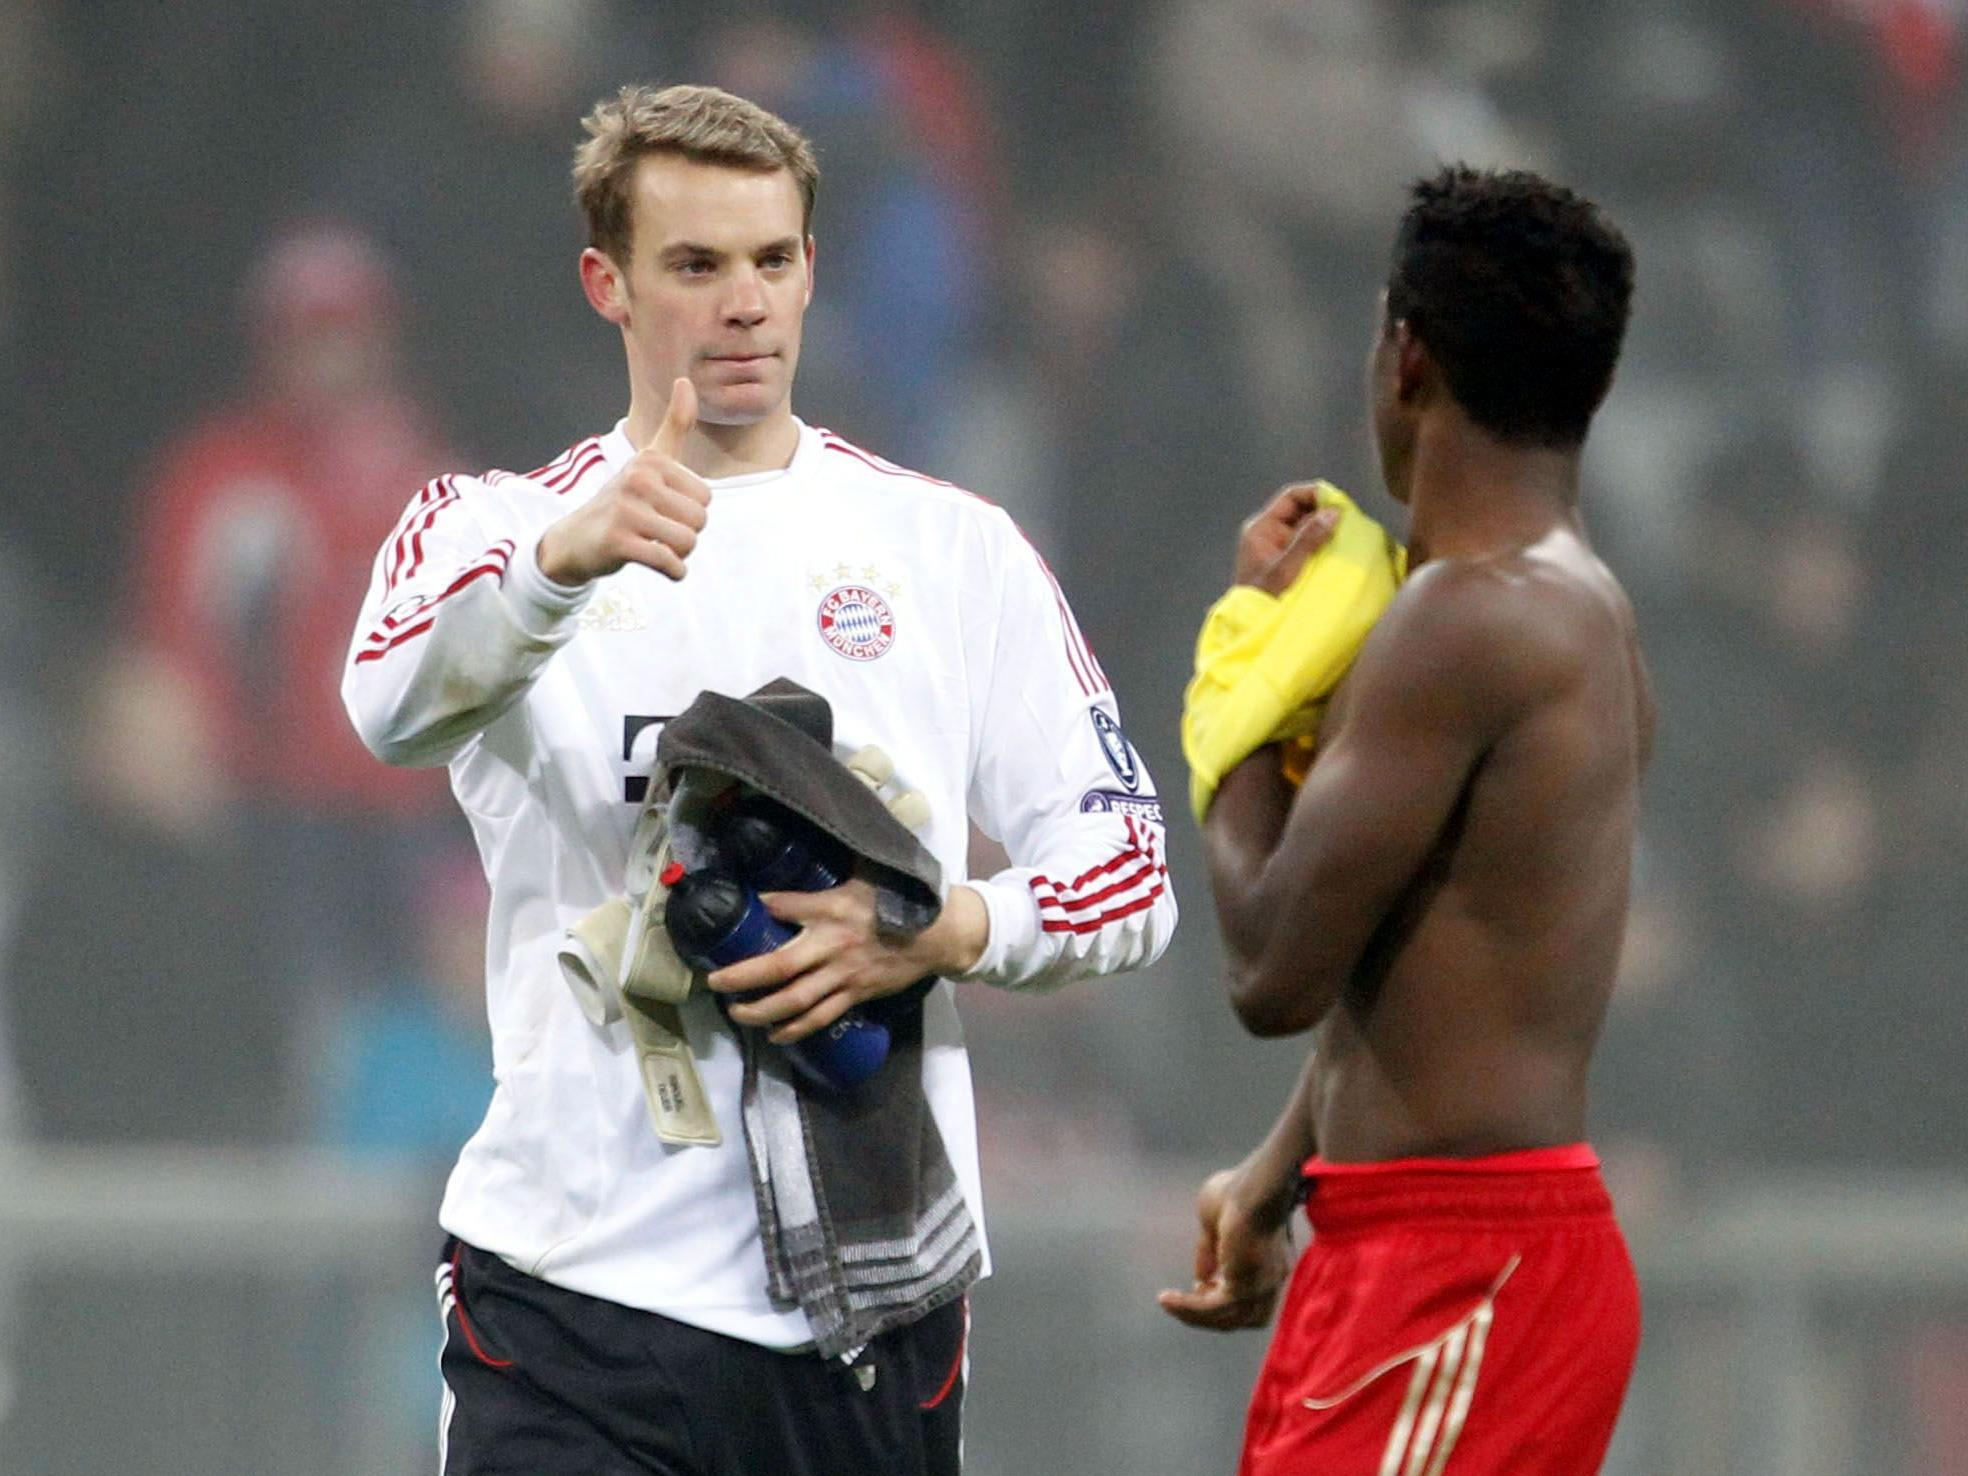 Muenchens Torwart Manuel Neuer (l.) gestikuliert nach dem Spiel in Richtung Muenchens David Alaba mit einem erhobenen Daumen.